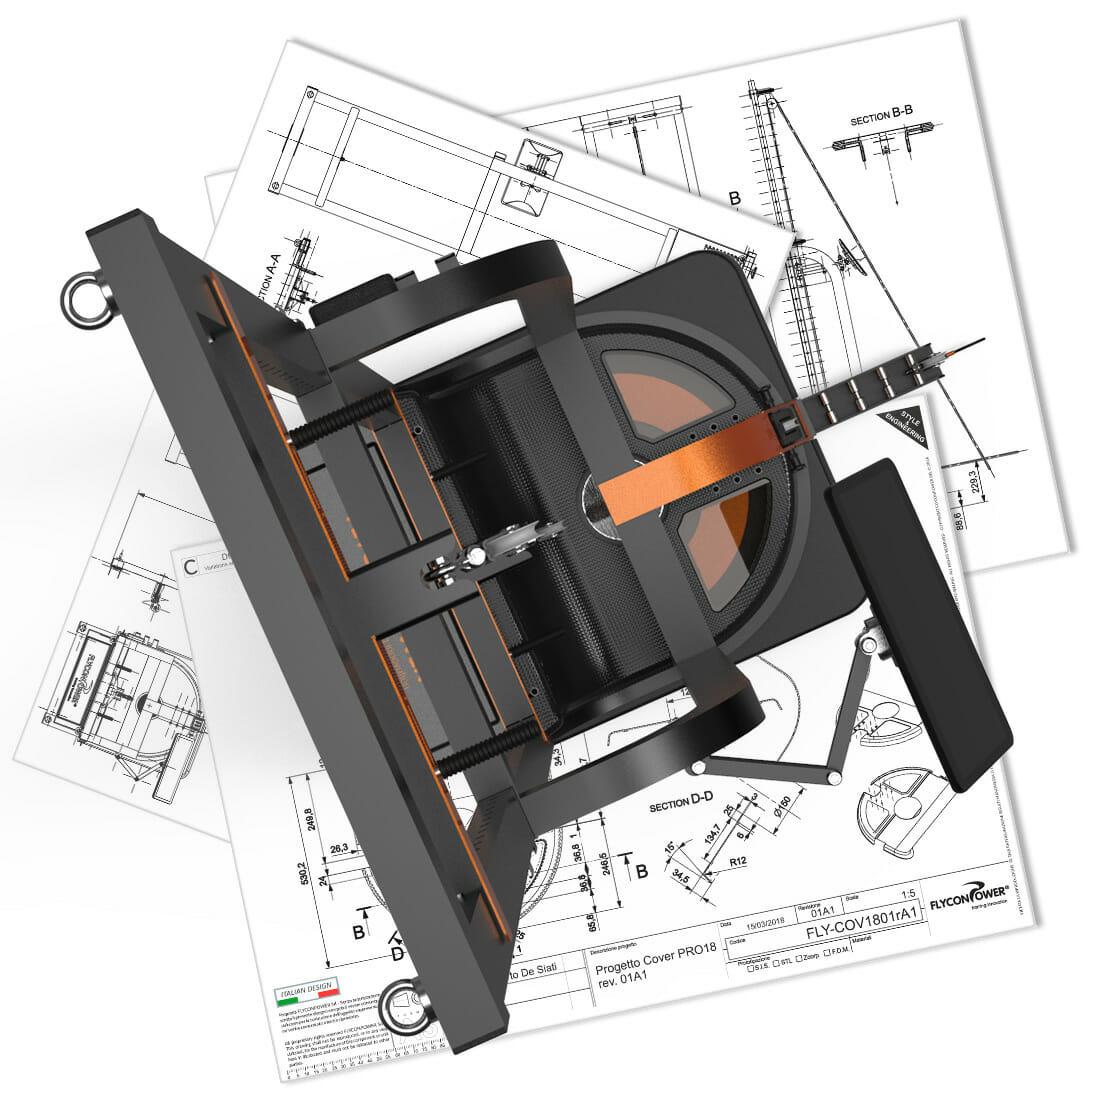 Icono Pro Flyconpower designer Alberto De Siati